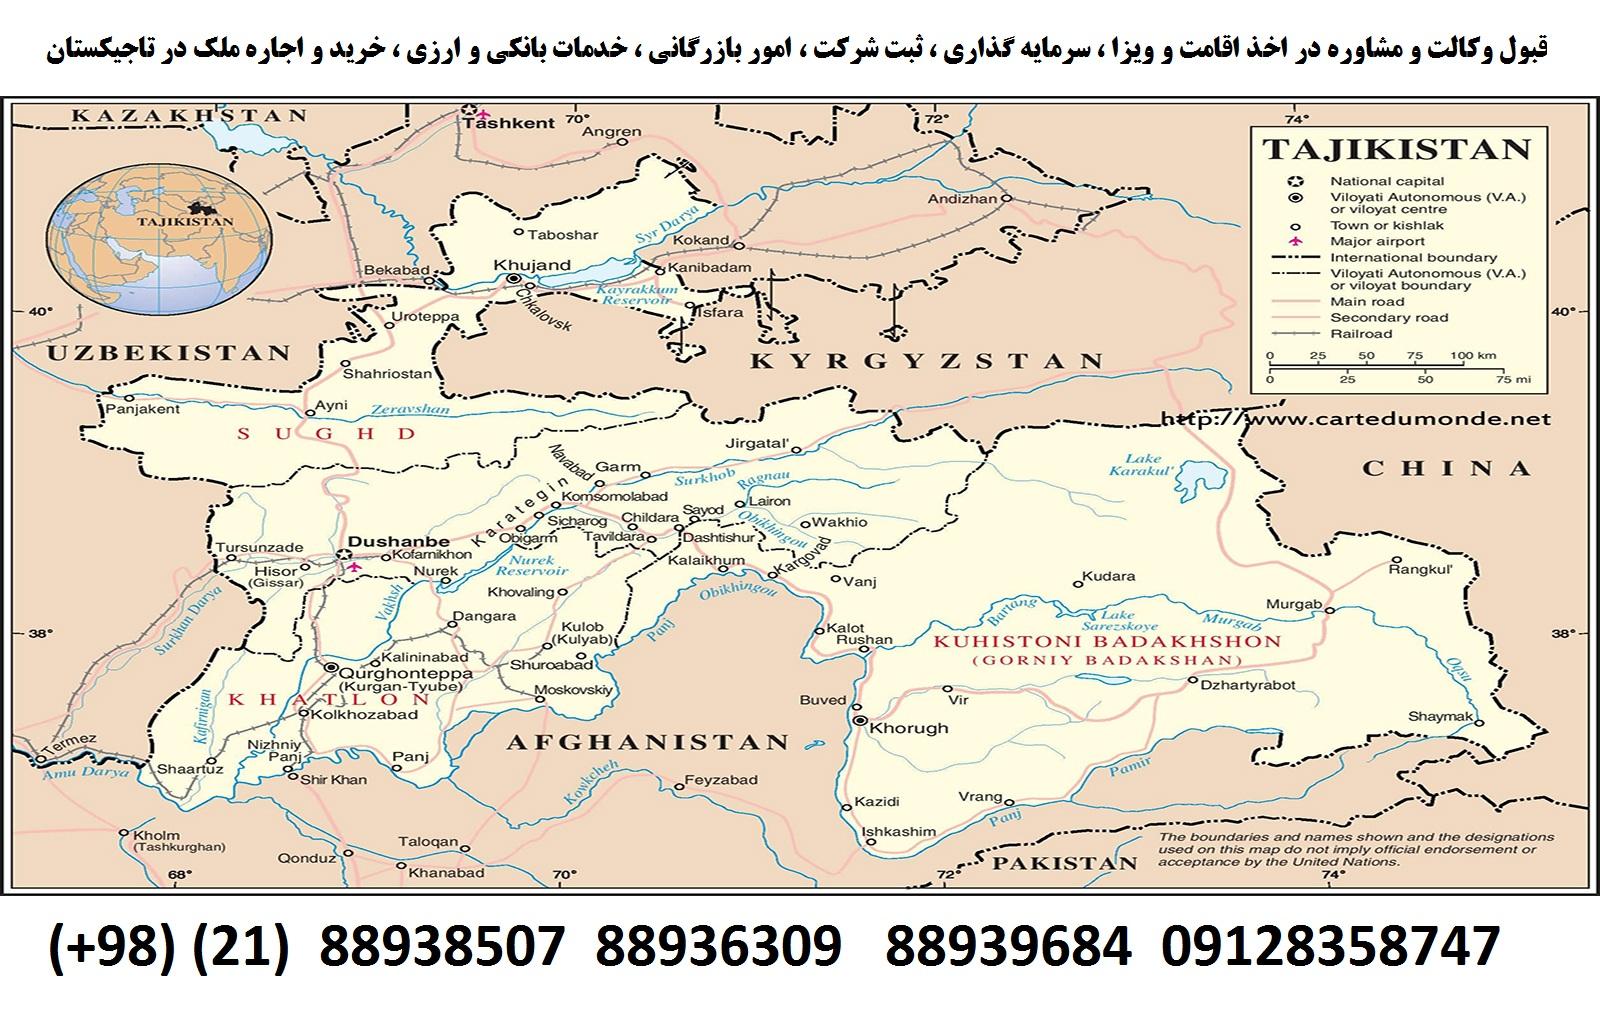 اقامت ، ویزا ، ثبت شرکت ، سرمایه گذاری در تاجیکستان (2)